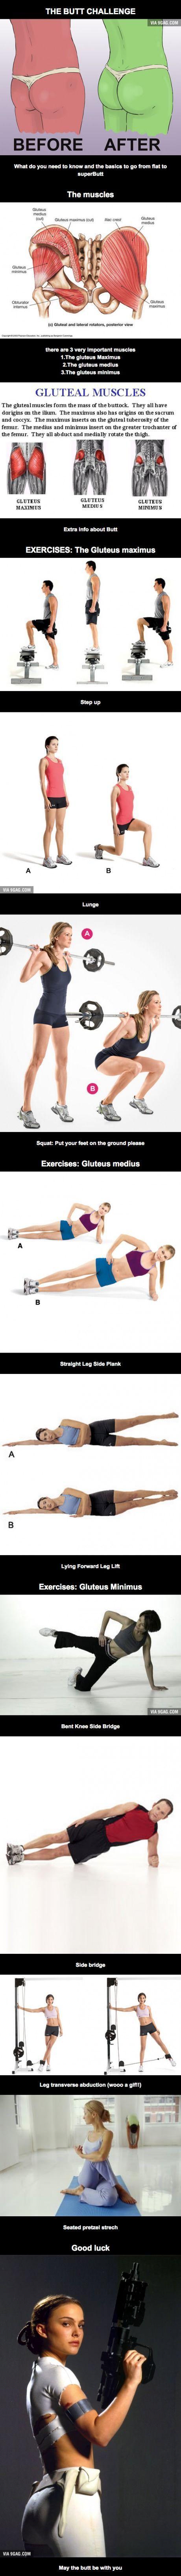 #Health #Fitness #Weightloss ... (Pin via http://pinterest.com/pin/446067538066102629/